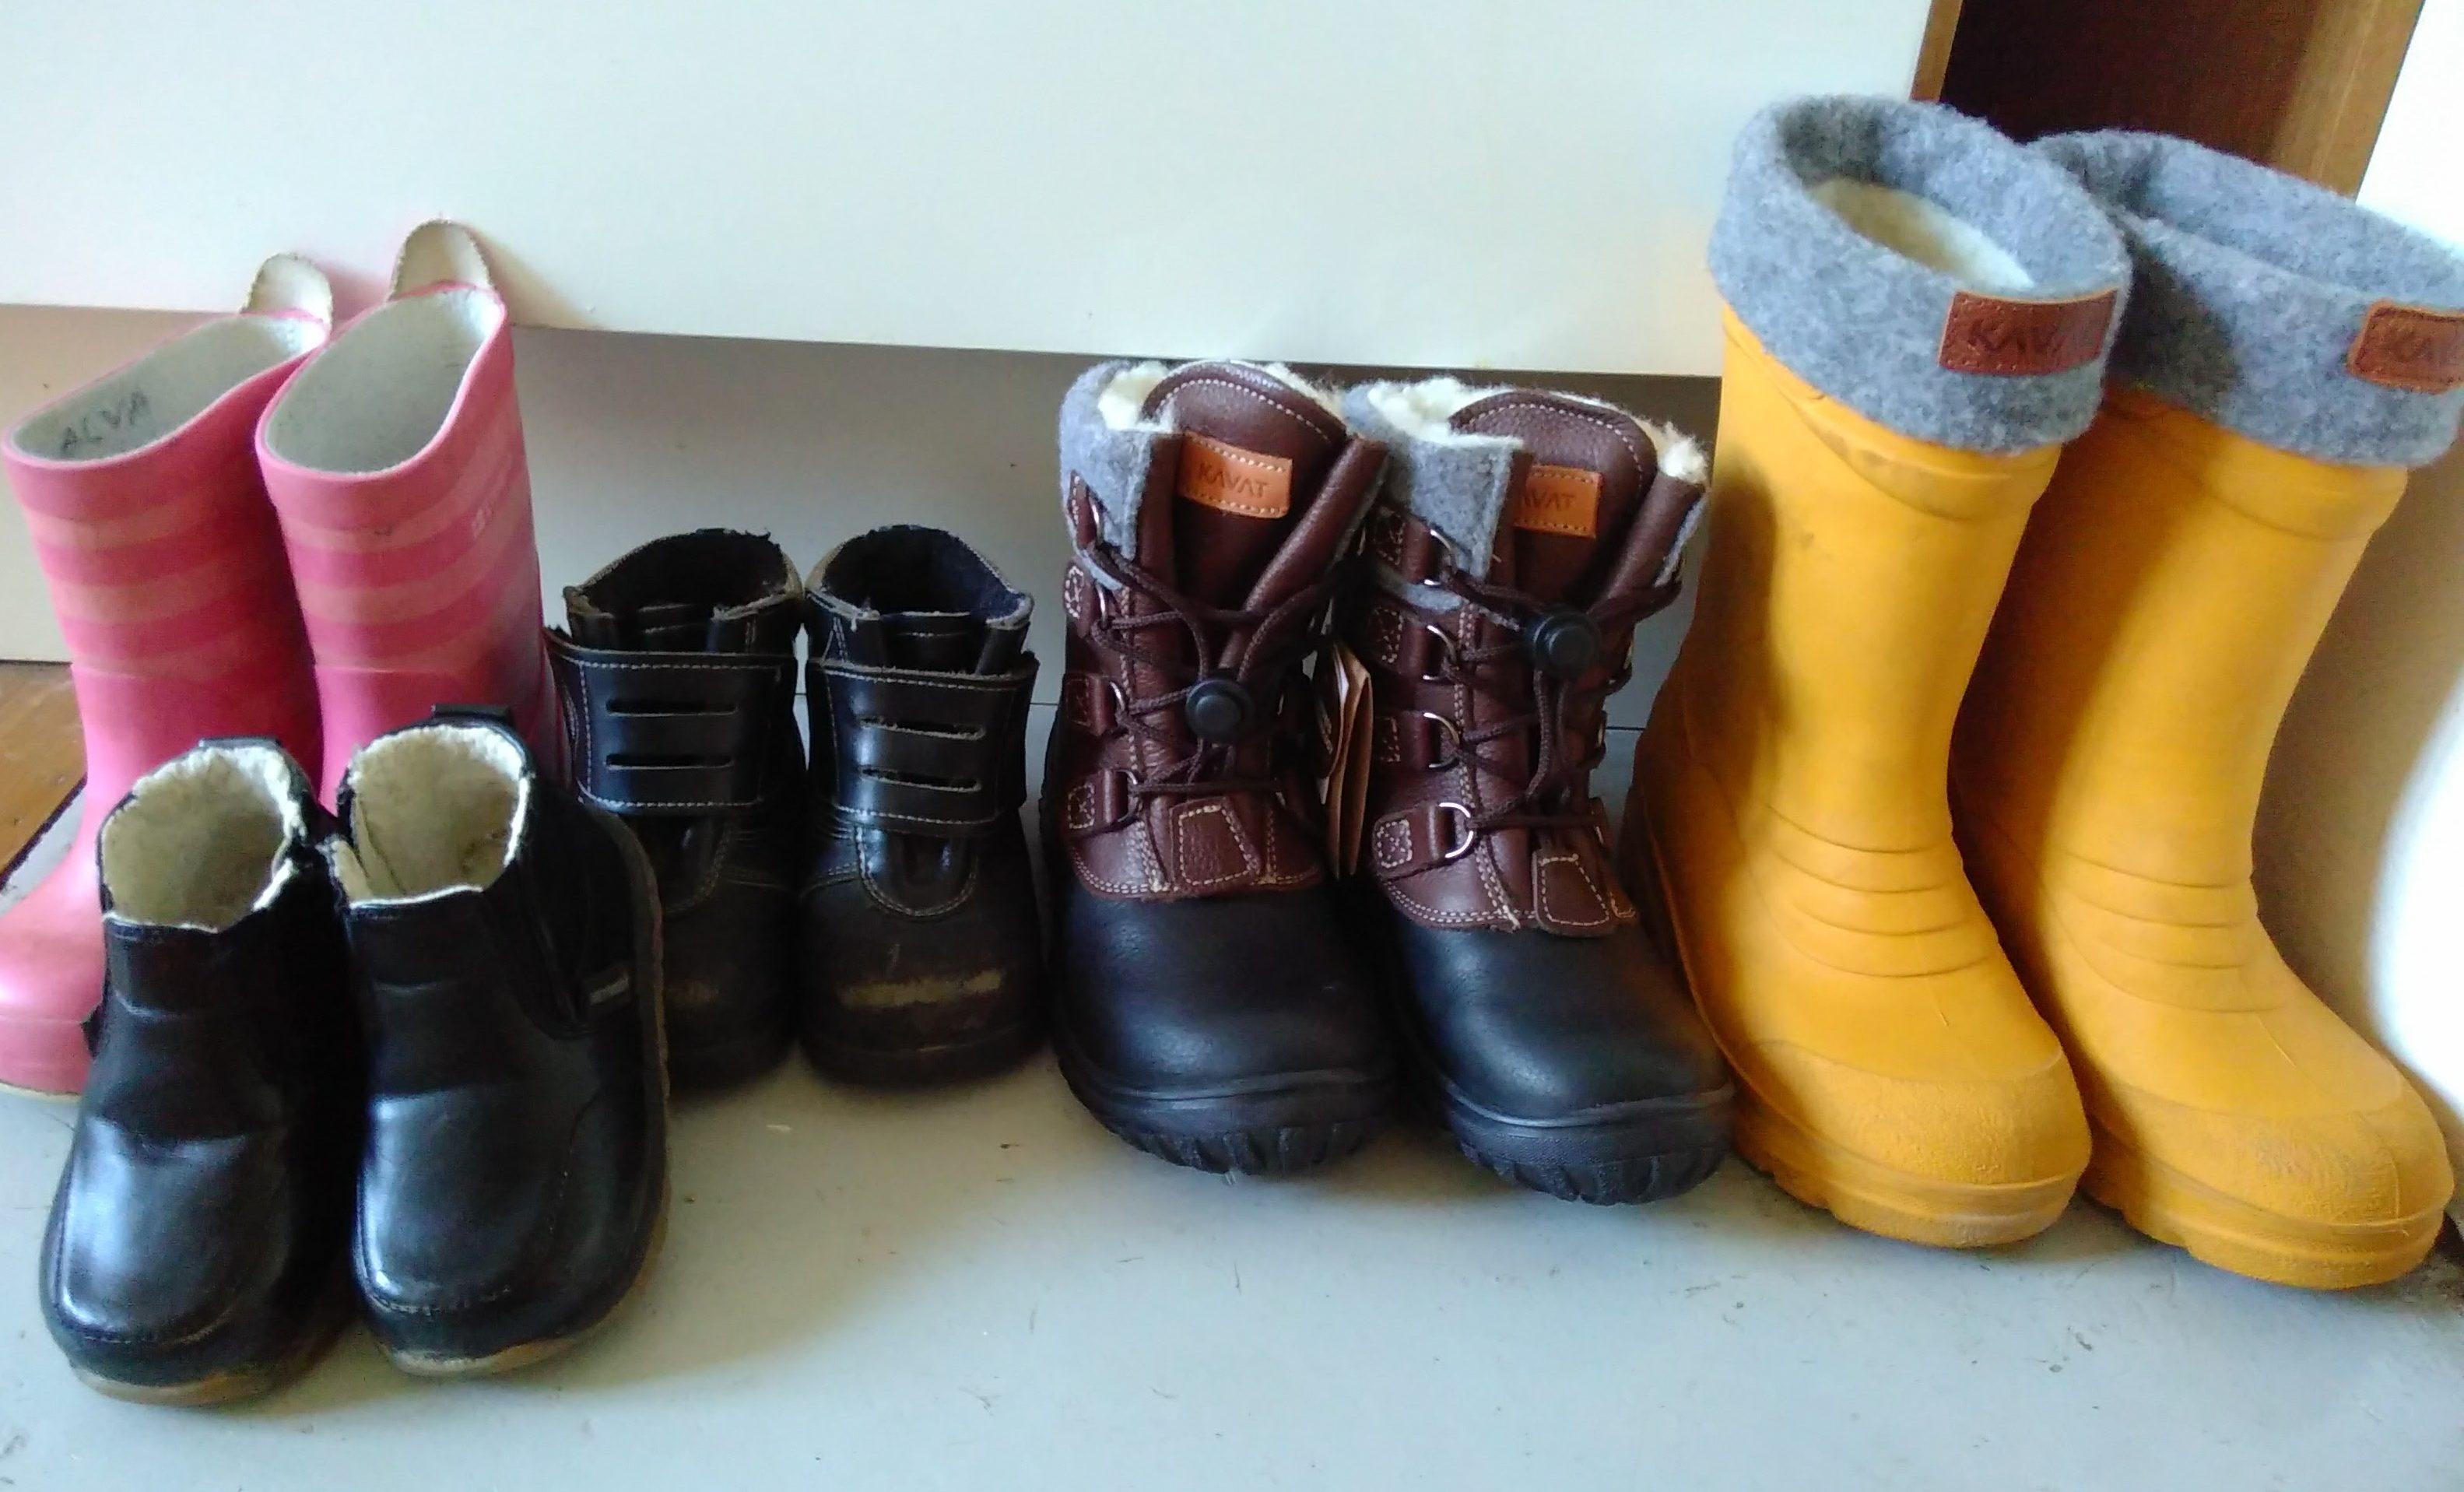 f385a86c15f Hjärtegrynet fick två par nya skor, fodrade stövlar och vinterkängor, båda  från kavat. Stövlarna har han haft på nästan varje dag i en månad nu så de  var ...